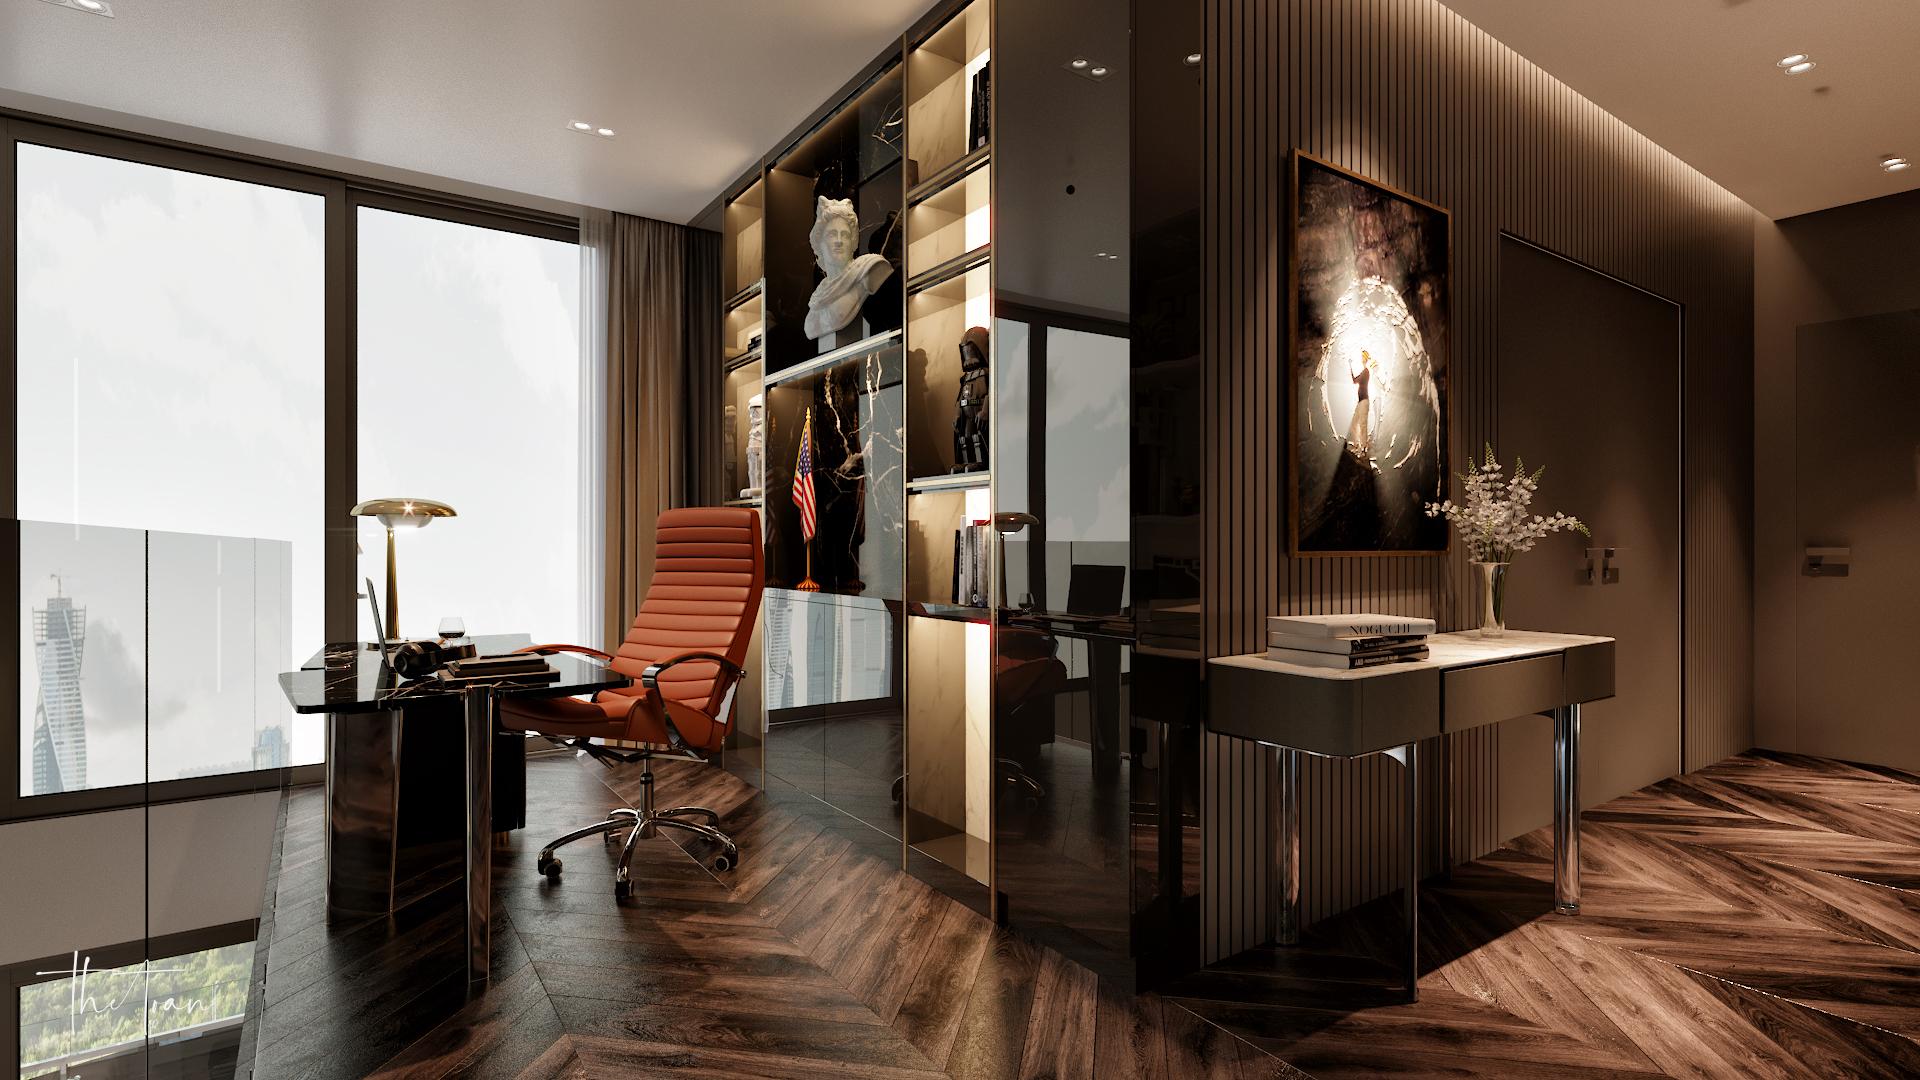 thiết kế nội thất chung cư tại Hồ Chí Minh La Astoria 2 - Penthouse 11 1564743944